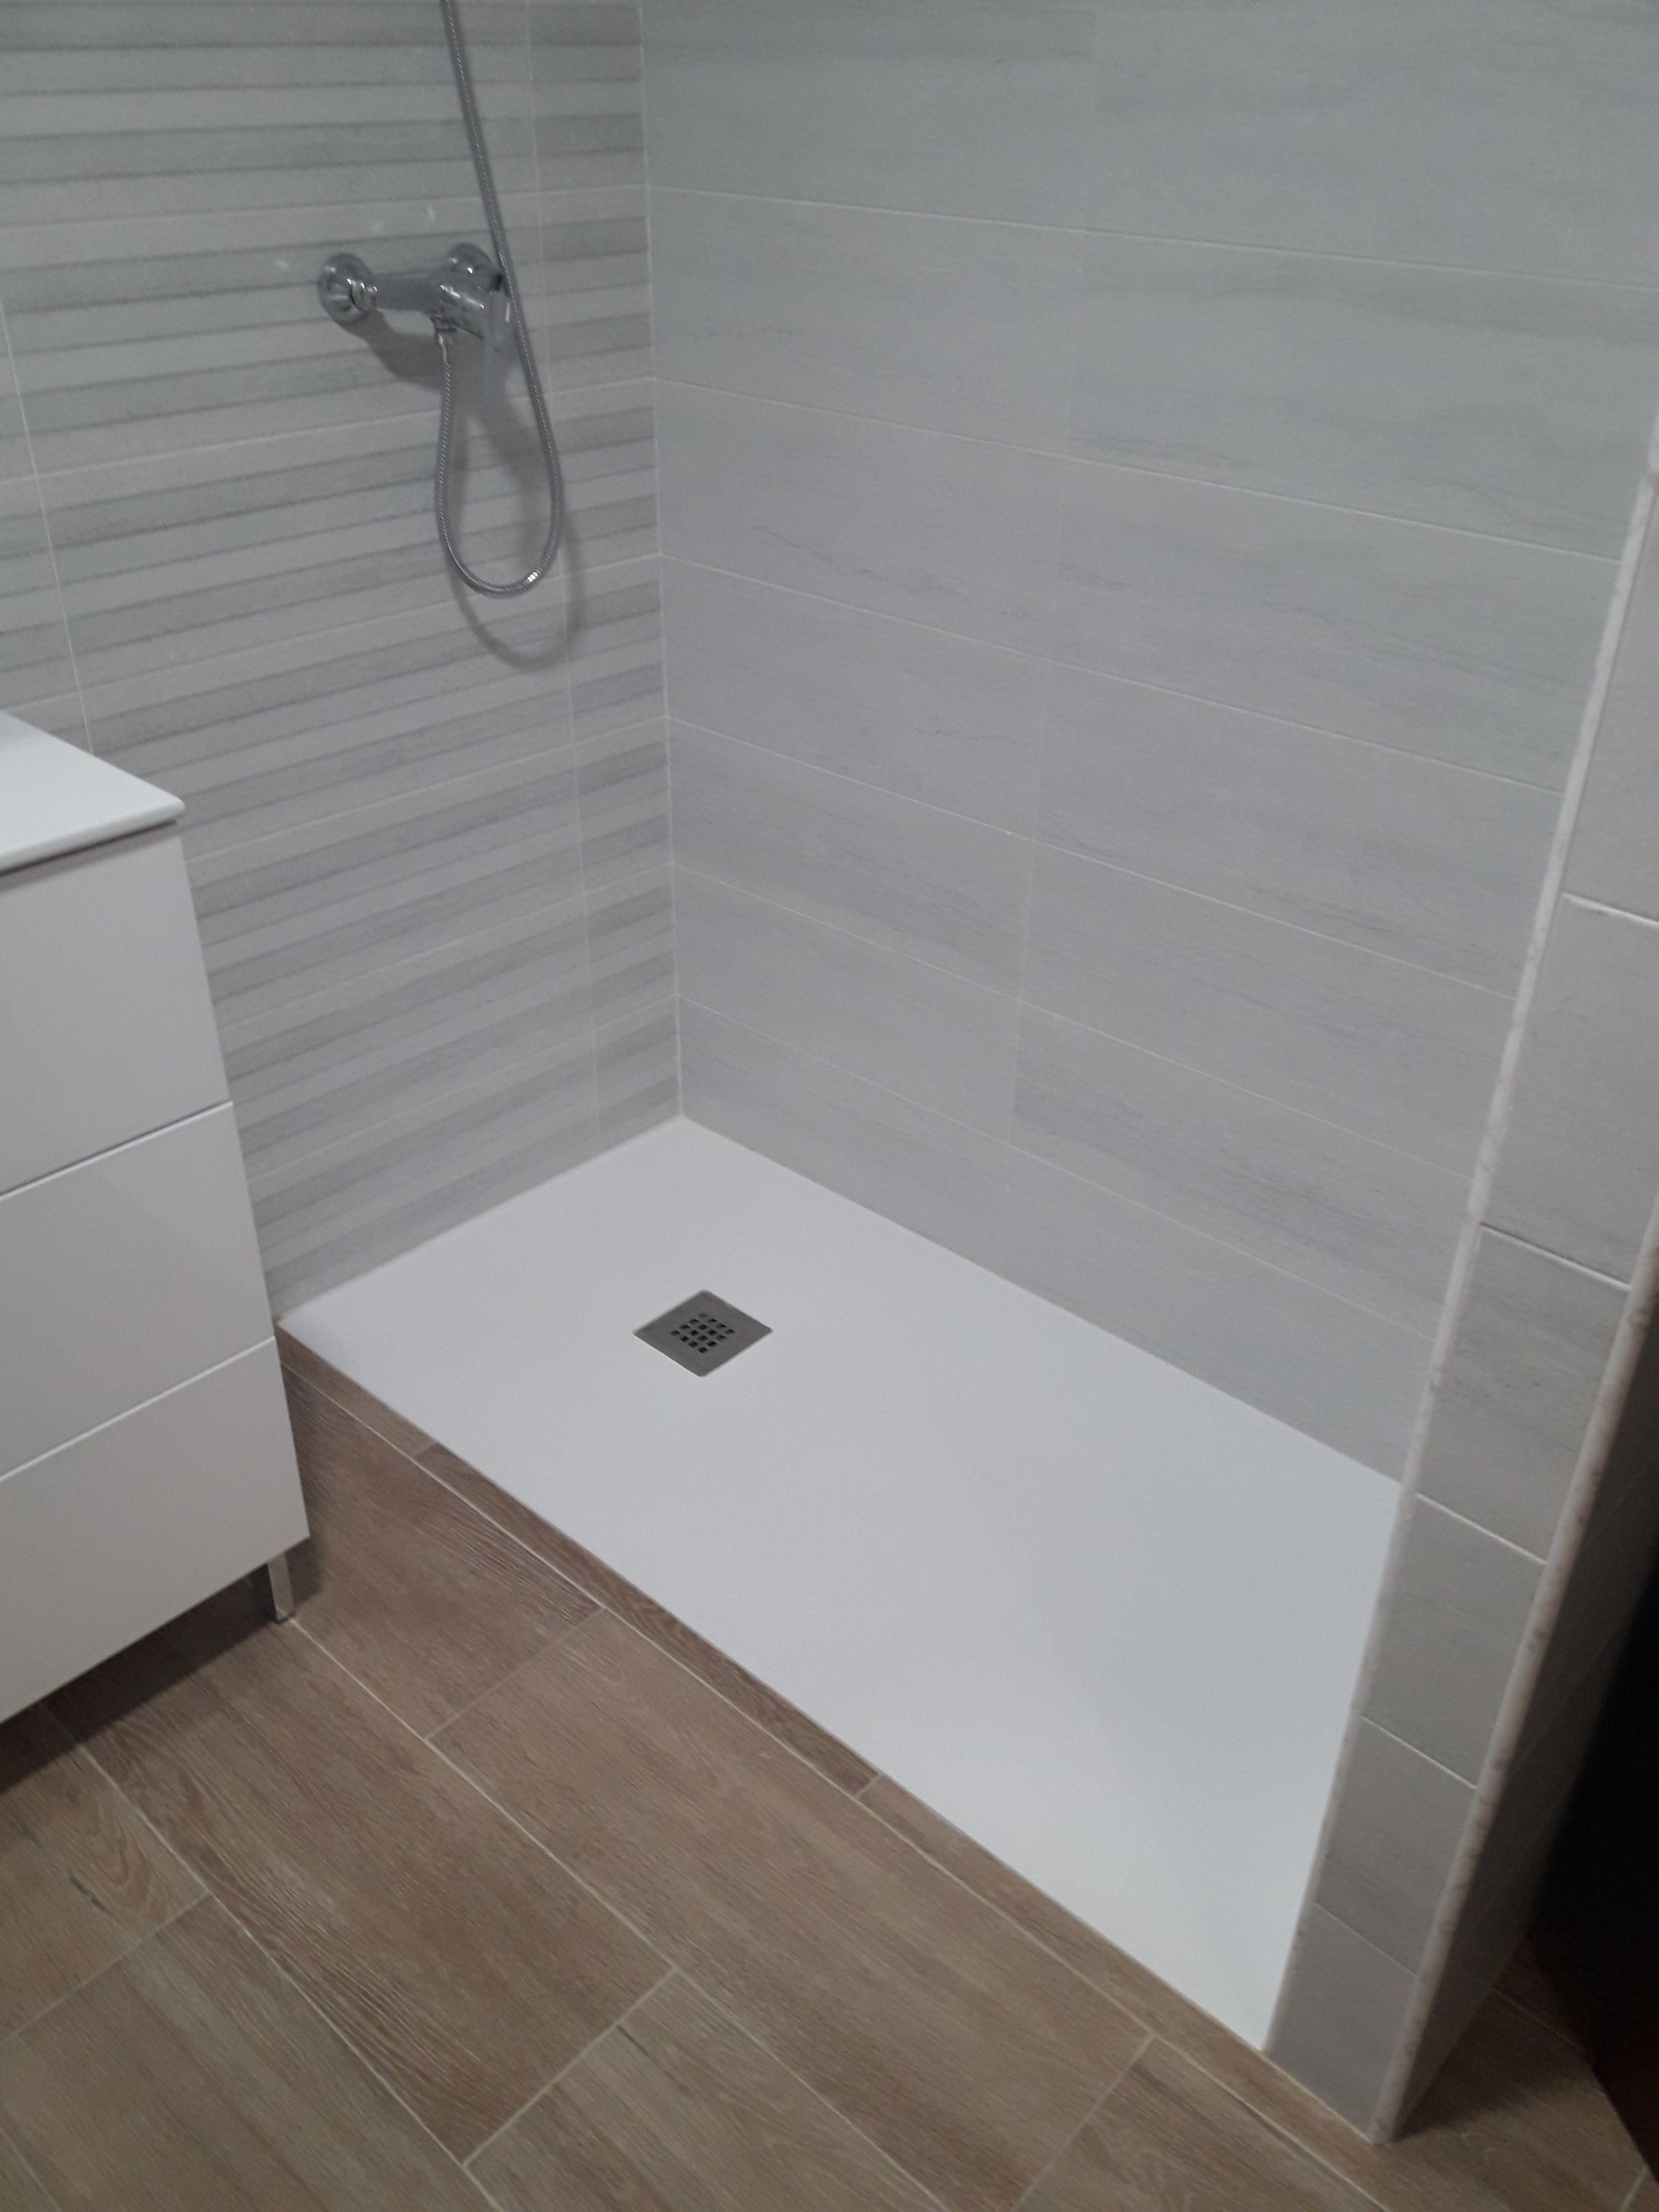 Sustitución de bañera por plato de ducha: Servicios de Construcciones Mira & Armero S.L